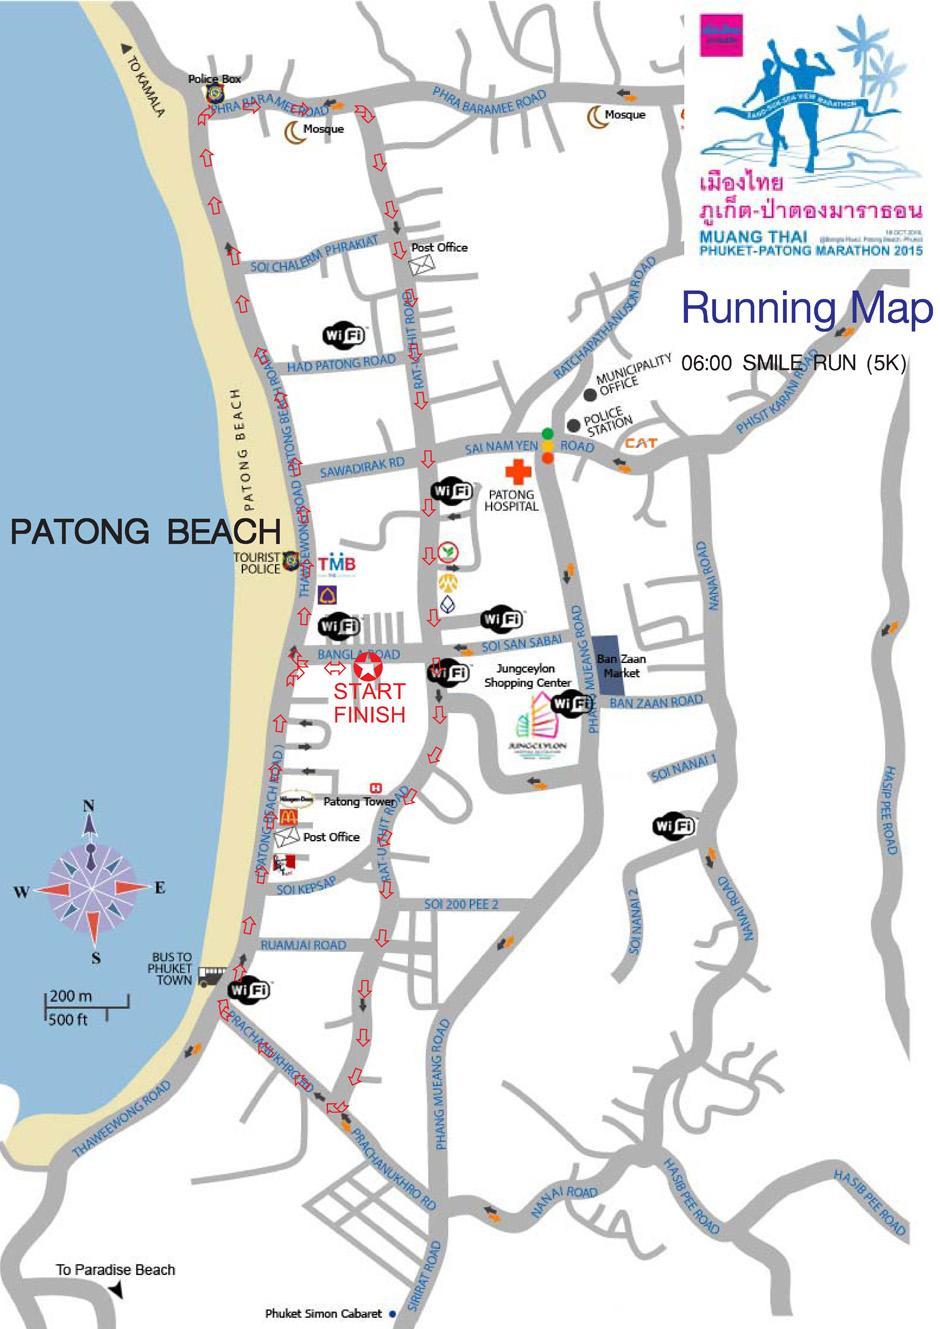 泰国普吉岛芭东马拉松